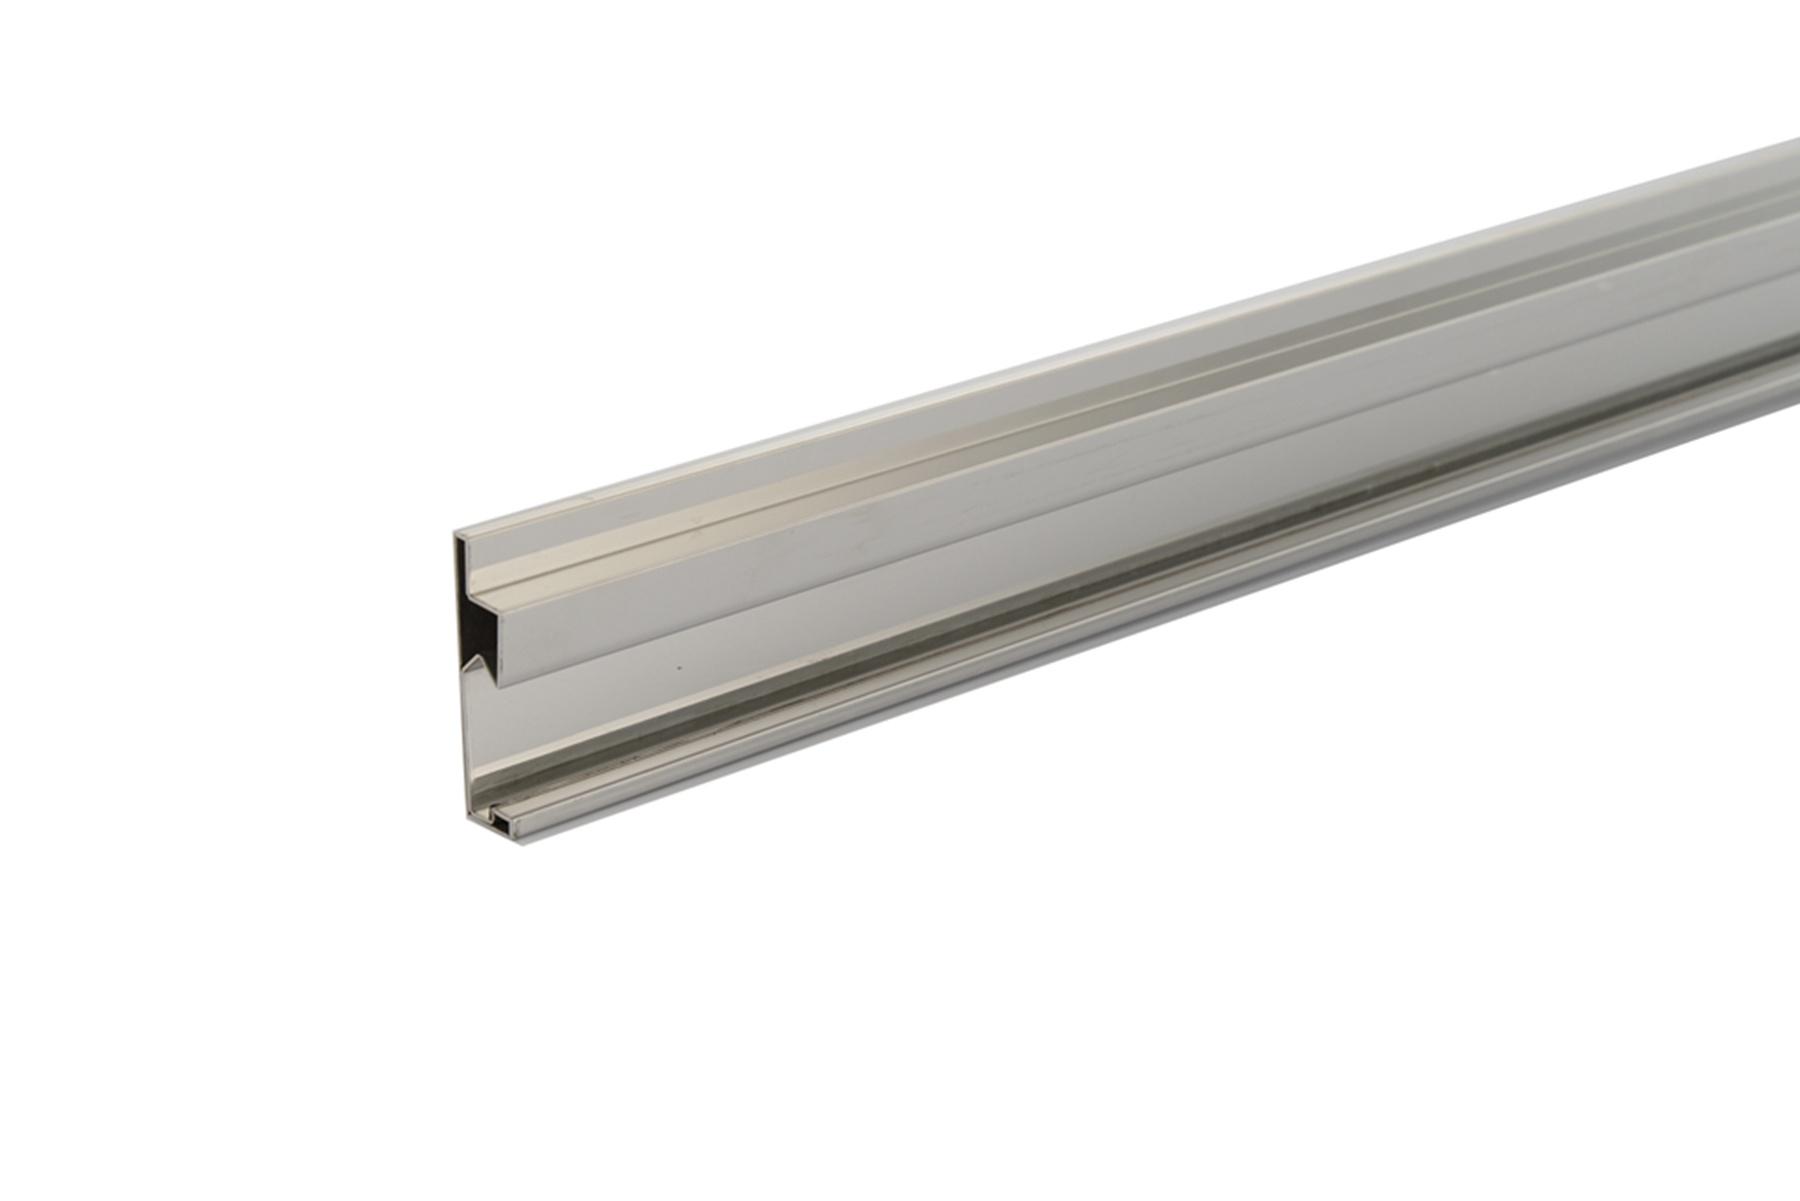 Ducha perfil deslizante de acero inoxidable ducha de for Accesorios de bano acero inoxidable